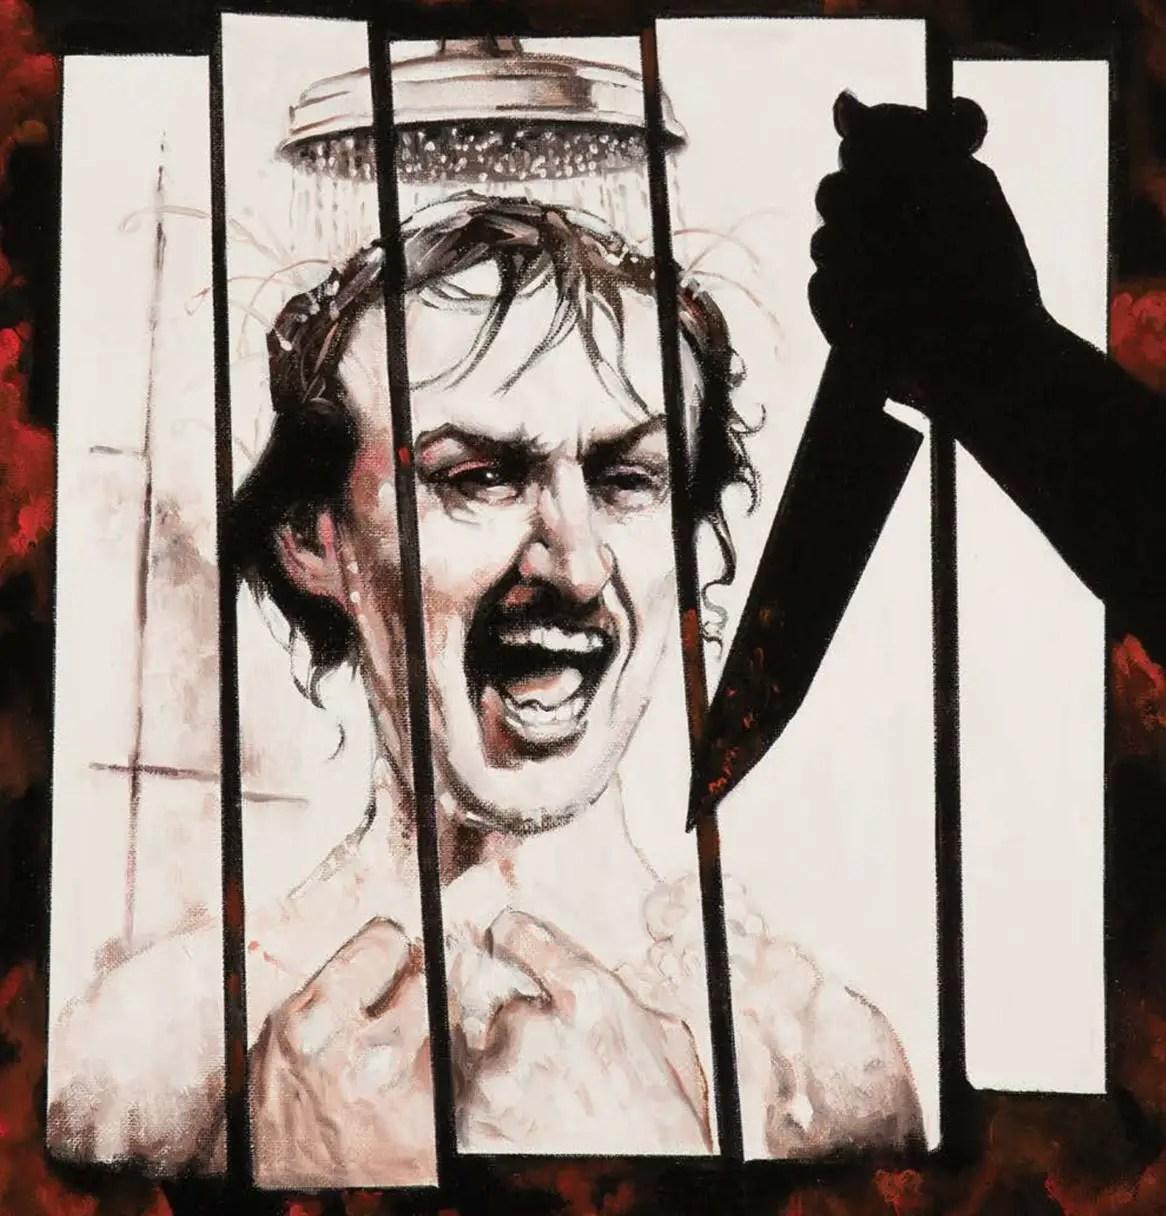 Edgar Allan Poe's Snifter of Terror #5 Review